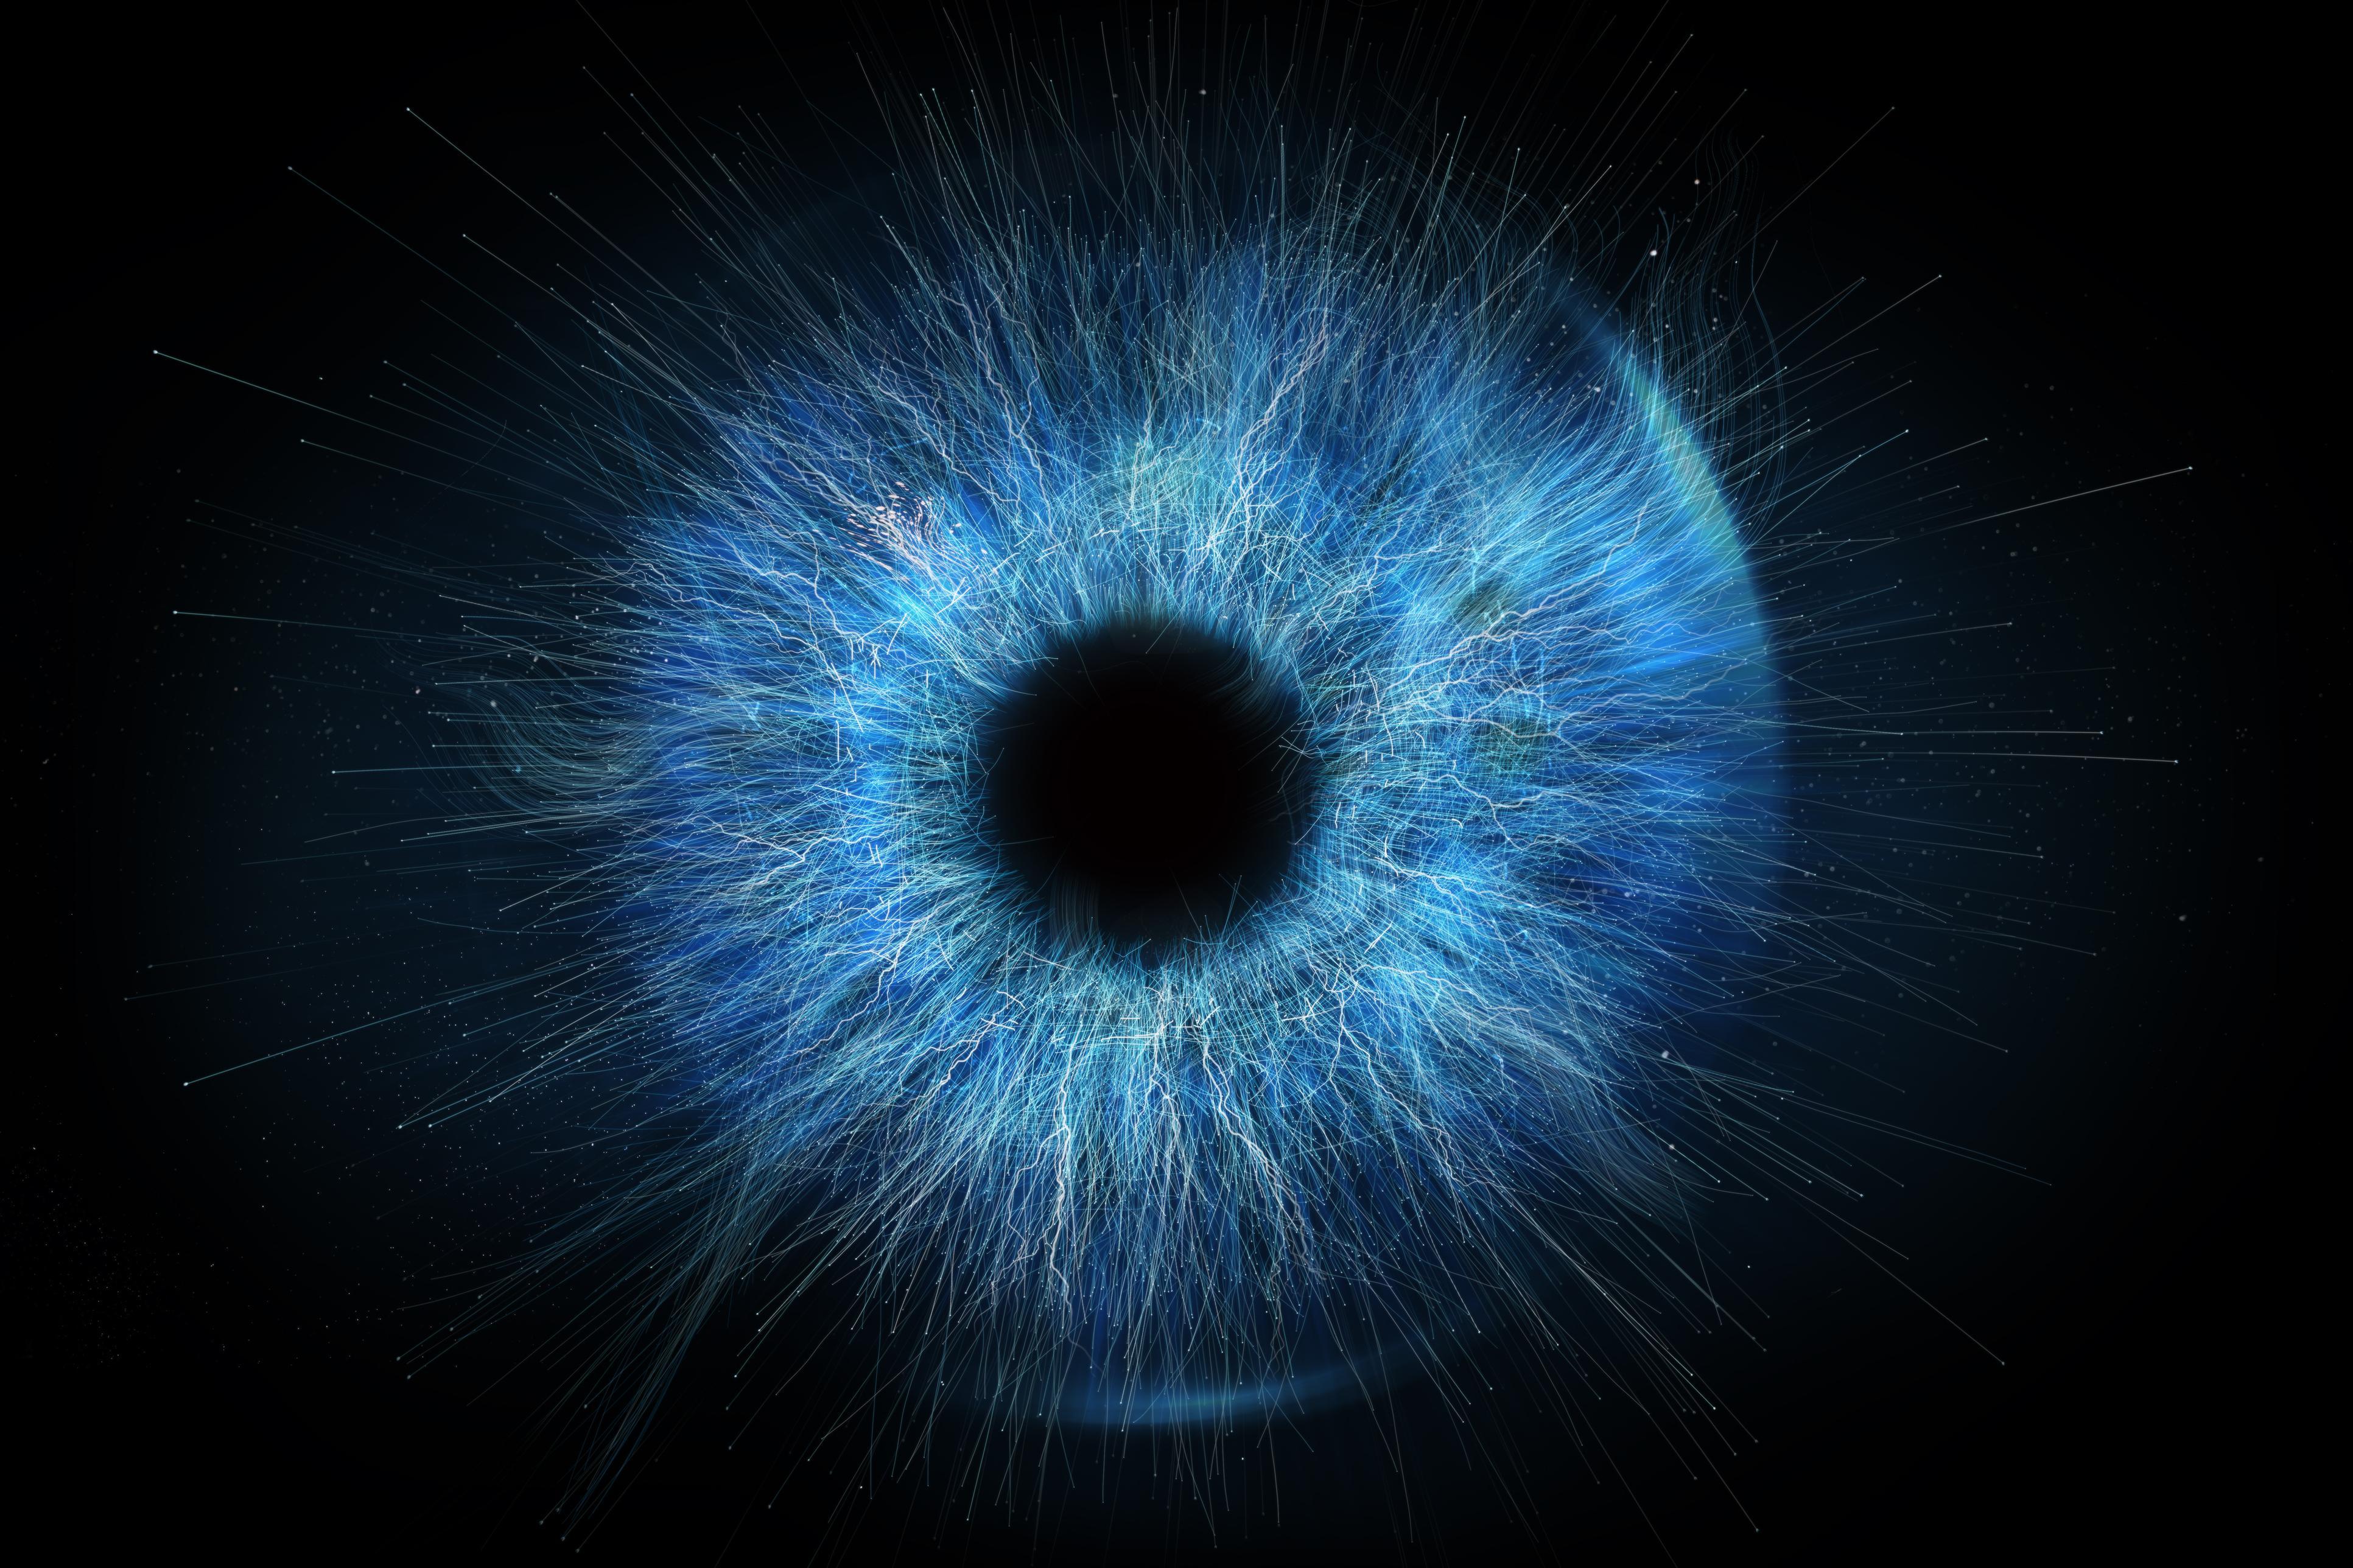 Эффективность оптогенетического восстановления зрения смогли оценить на живых животных